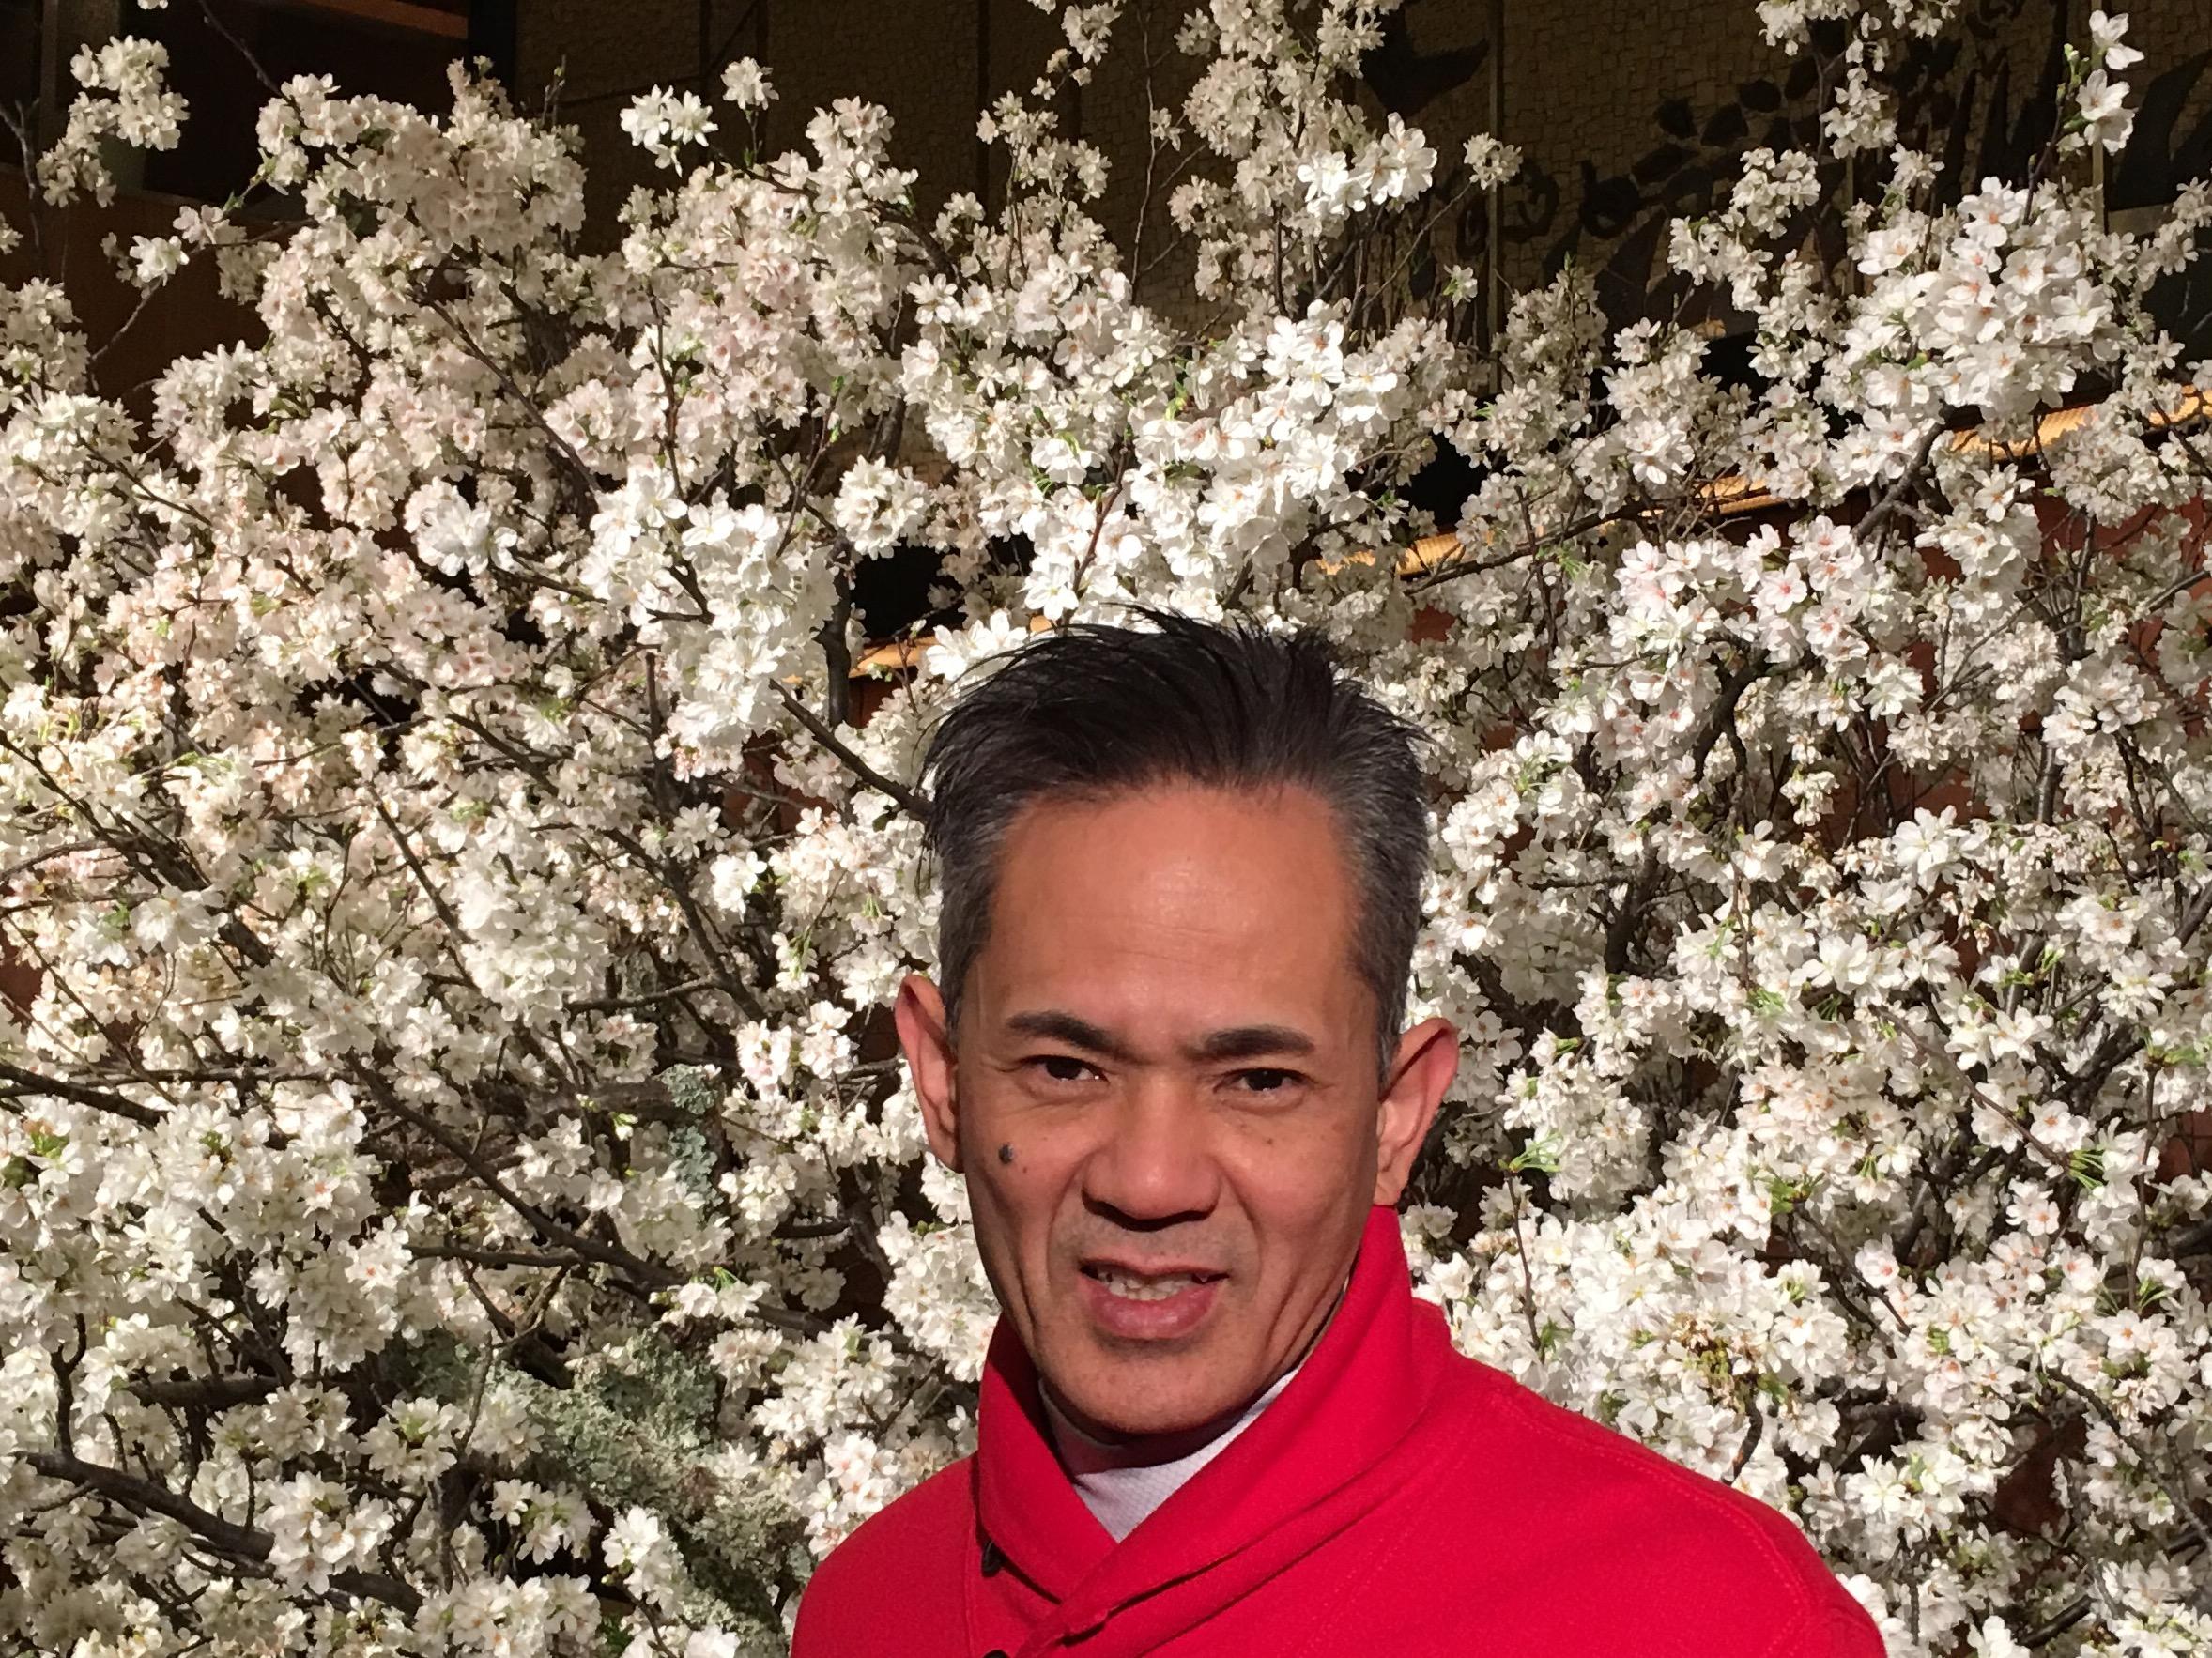 今日は 2冊目の出版取材でした。 大きな骨格もでき  いよいよです。 東京は美しい桜の季節?です。 写メは、ホテルのエントランスにあった吉野桜? 百花繚乱  溢れるエネルギーいっぱいにうけて